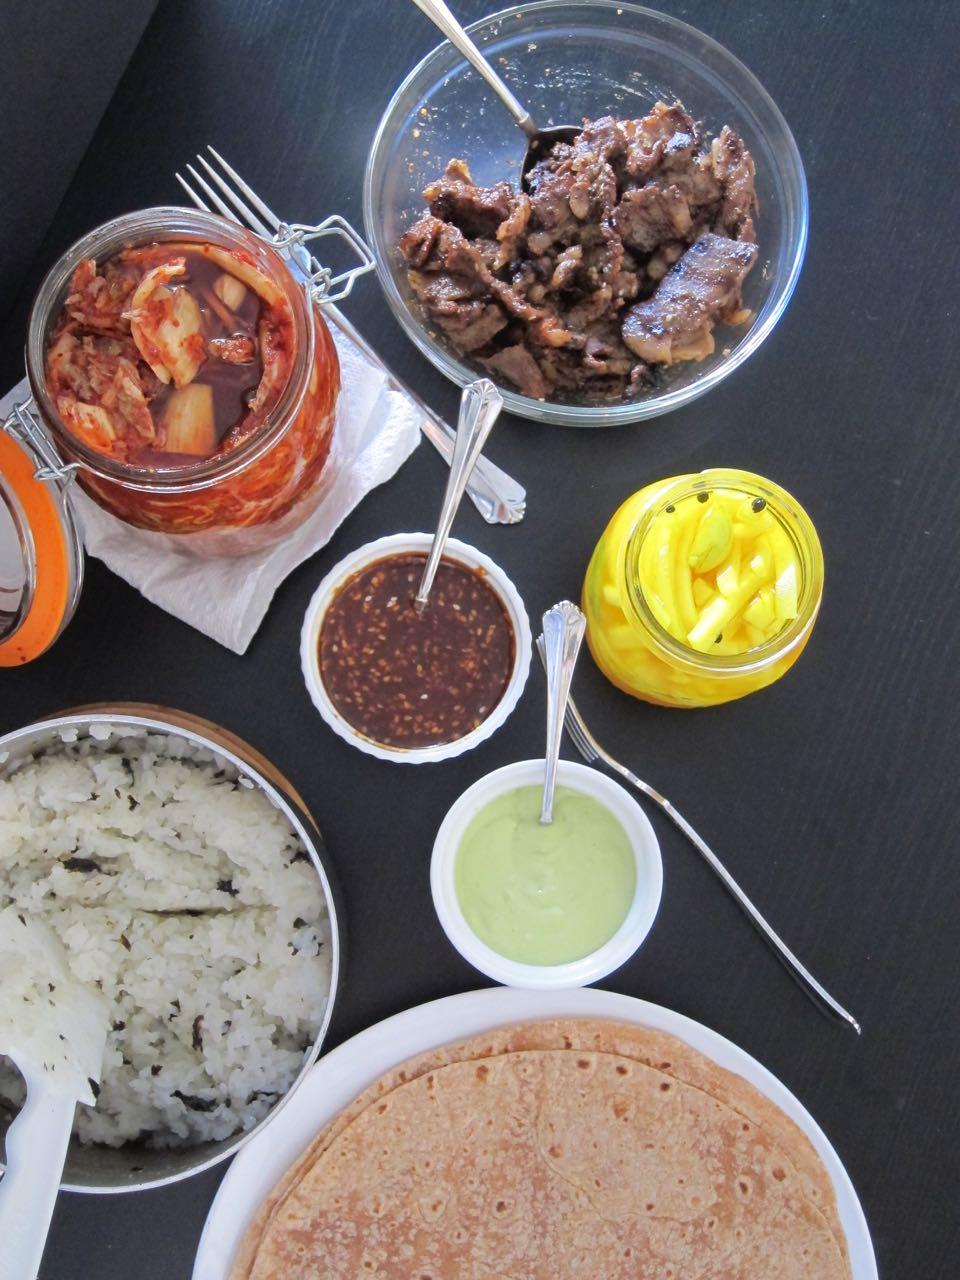 Kimchi bulgogi burrito ingredients